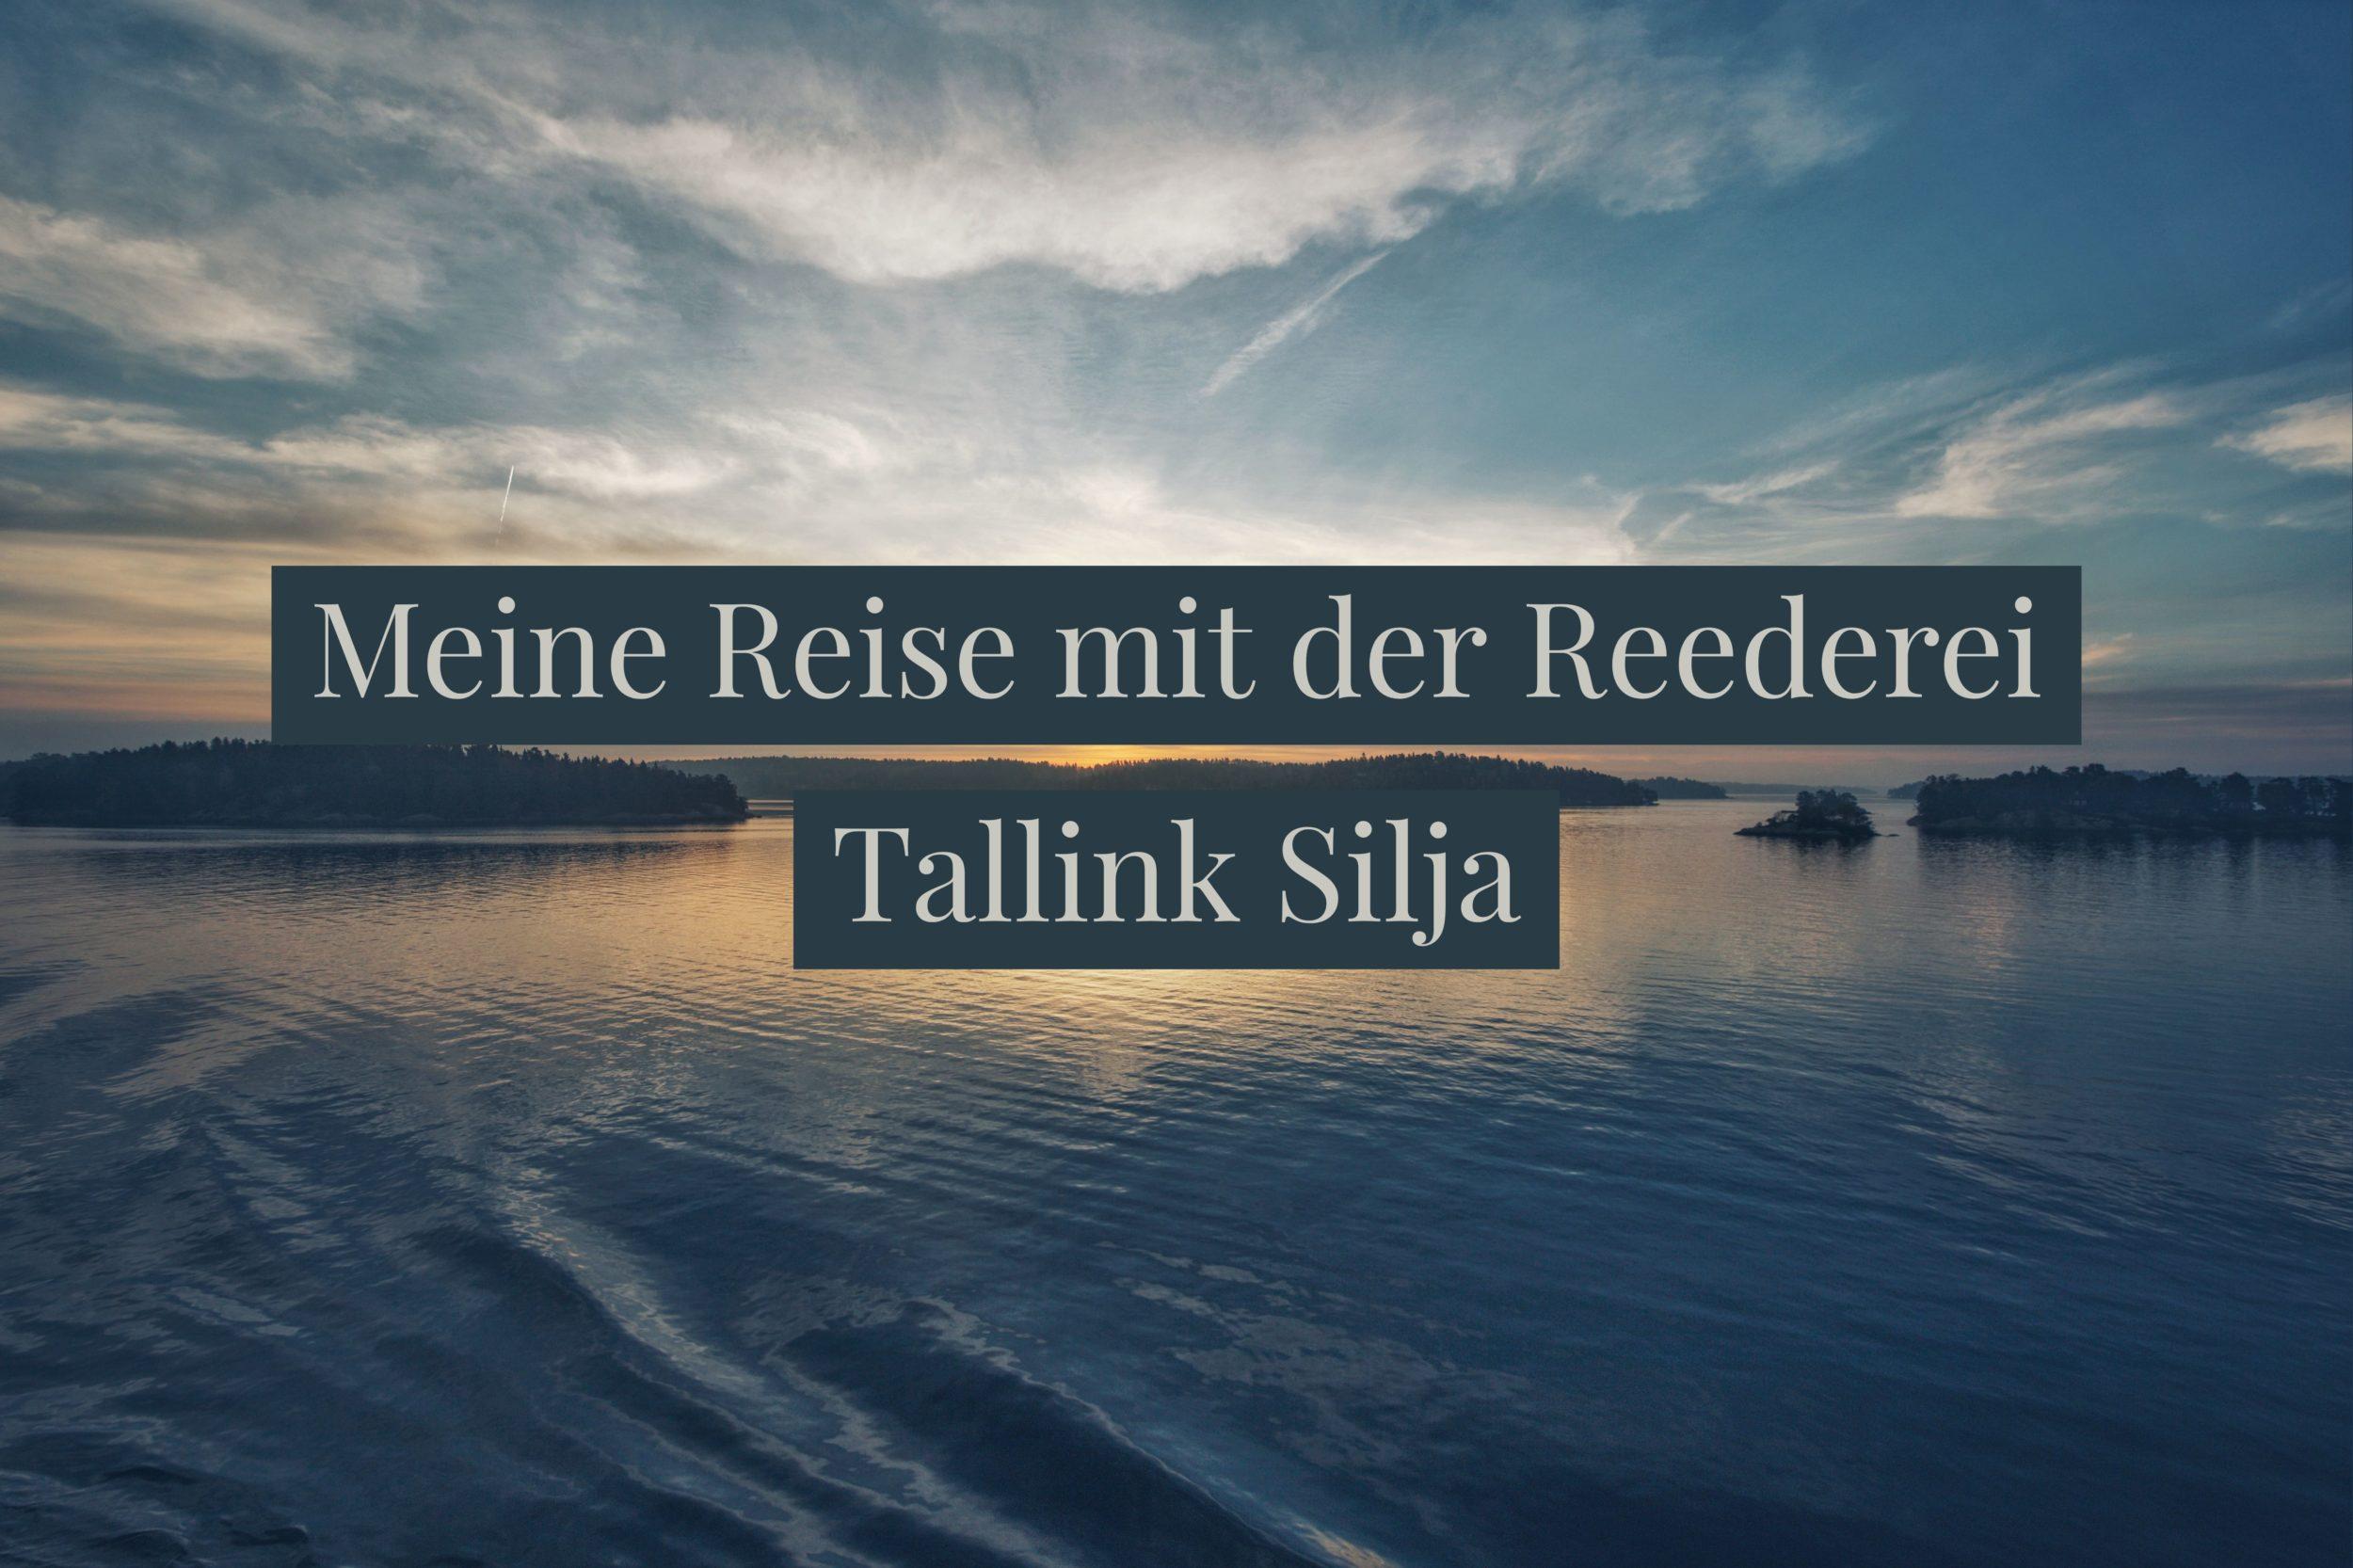 @berlinartdesign's cover photo for 'Meine Reise mit der Reederei Tallink Silja - Berlinart Design'